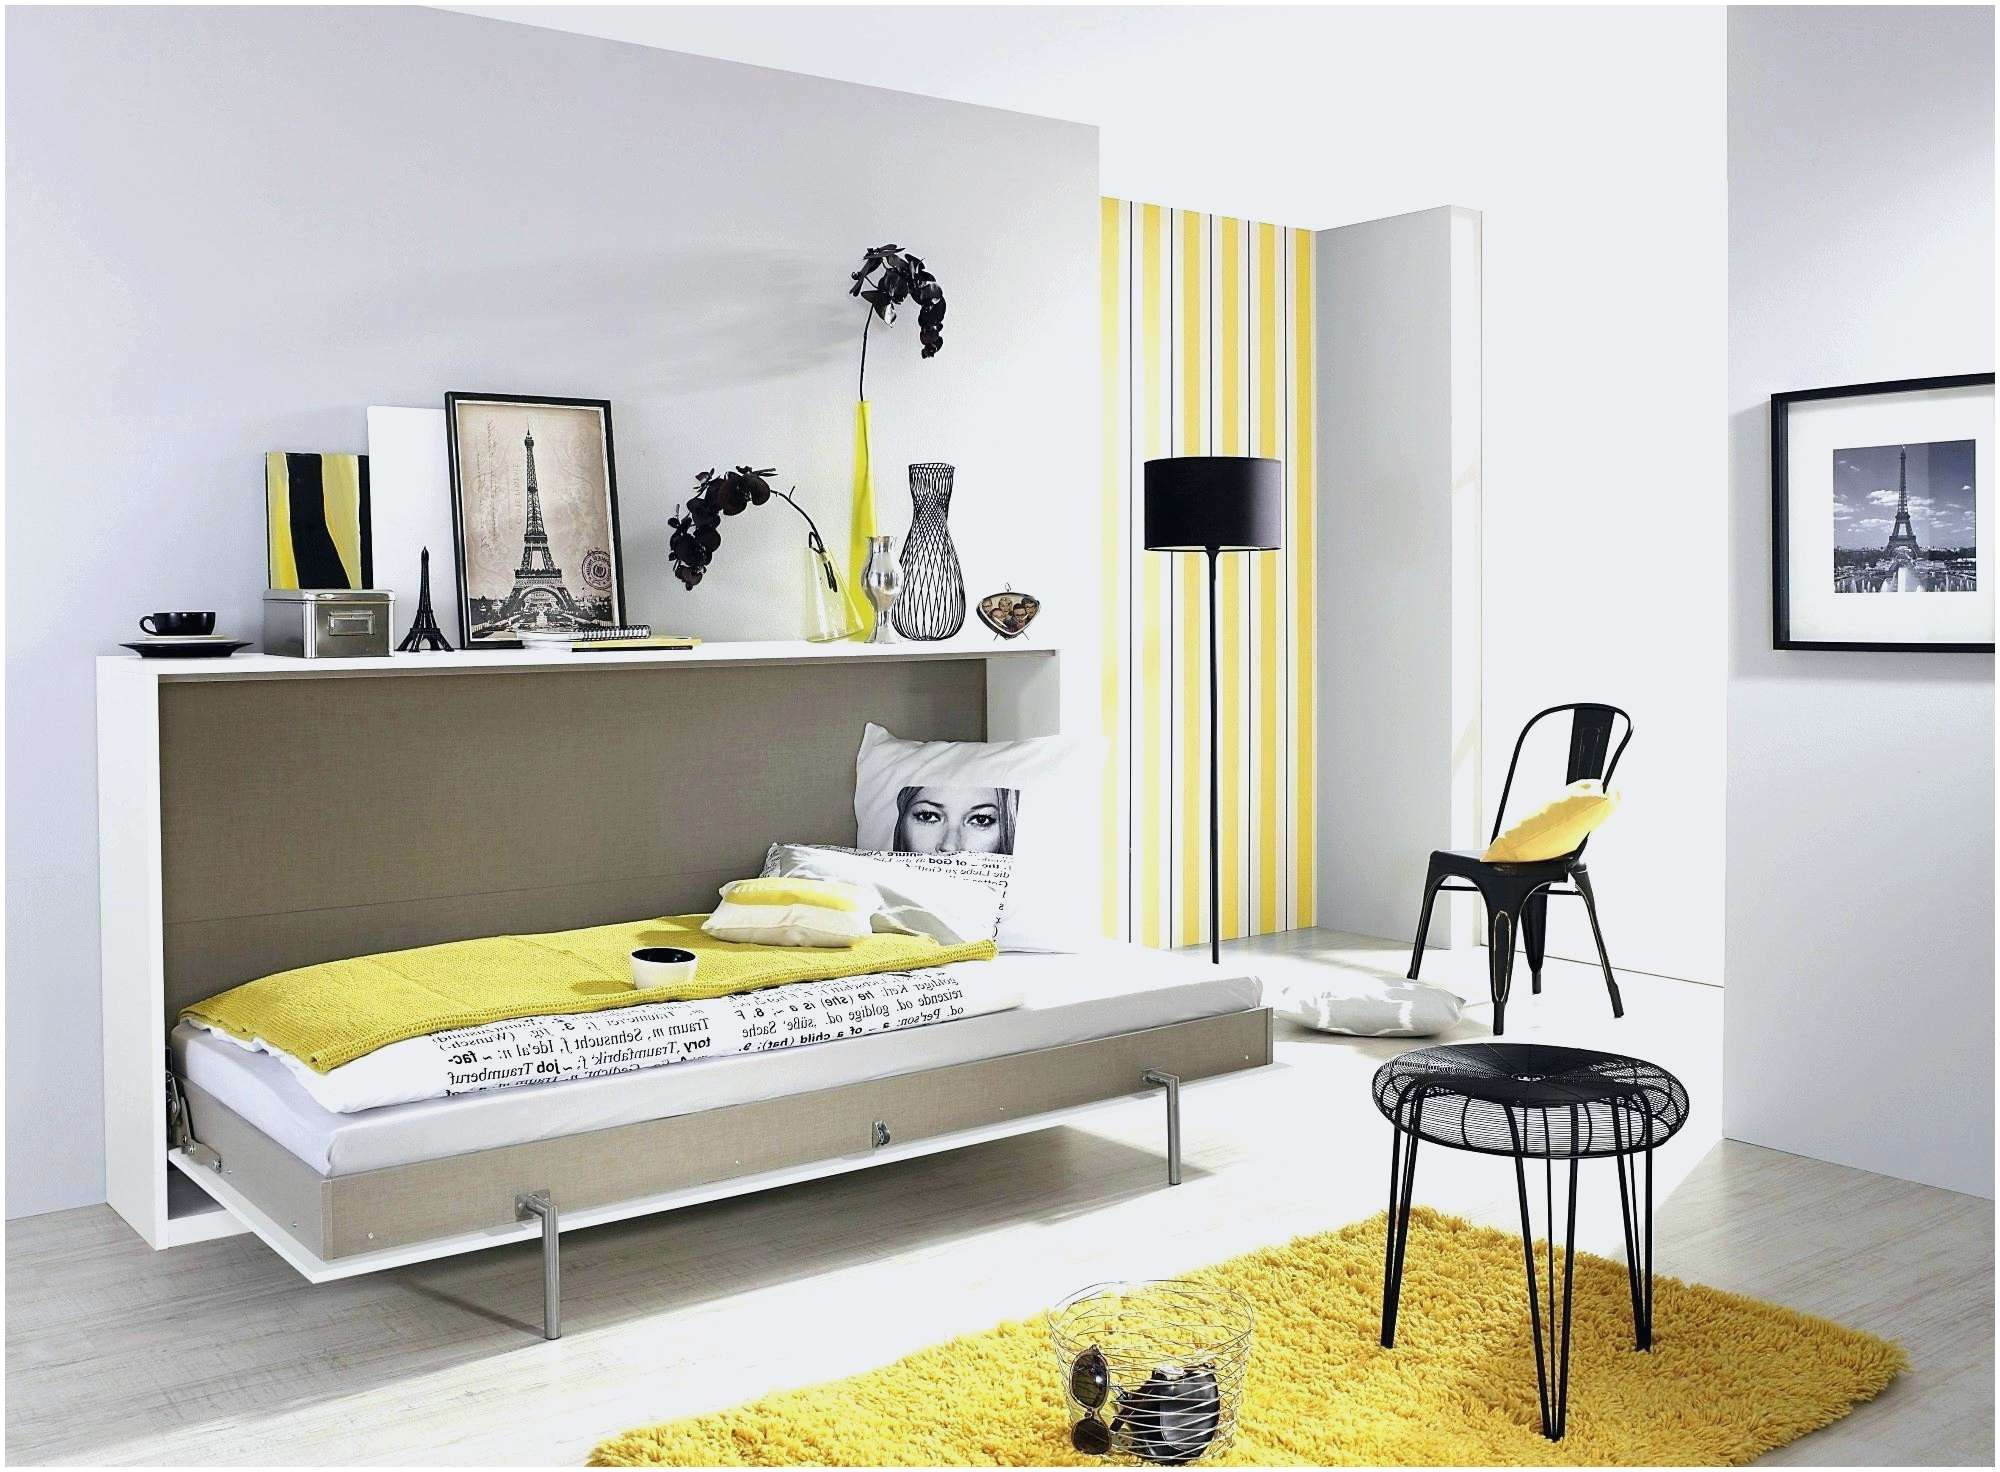 Lit Mezzanine Ado Impressionnant Frais 20 élégant Supperpose Adana Estepona Pour Sélection Lit